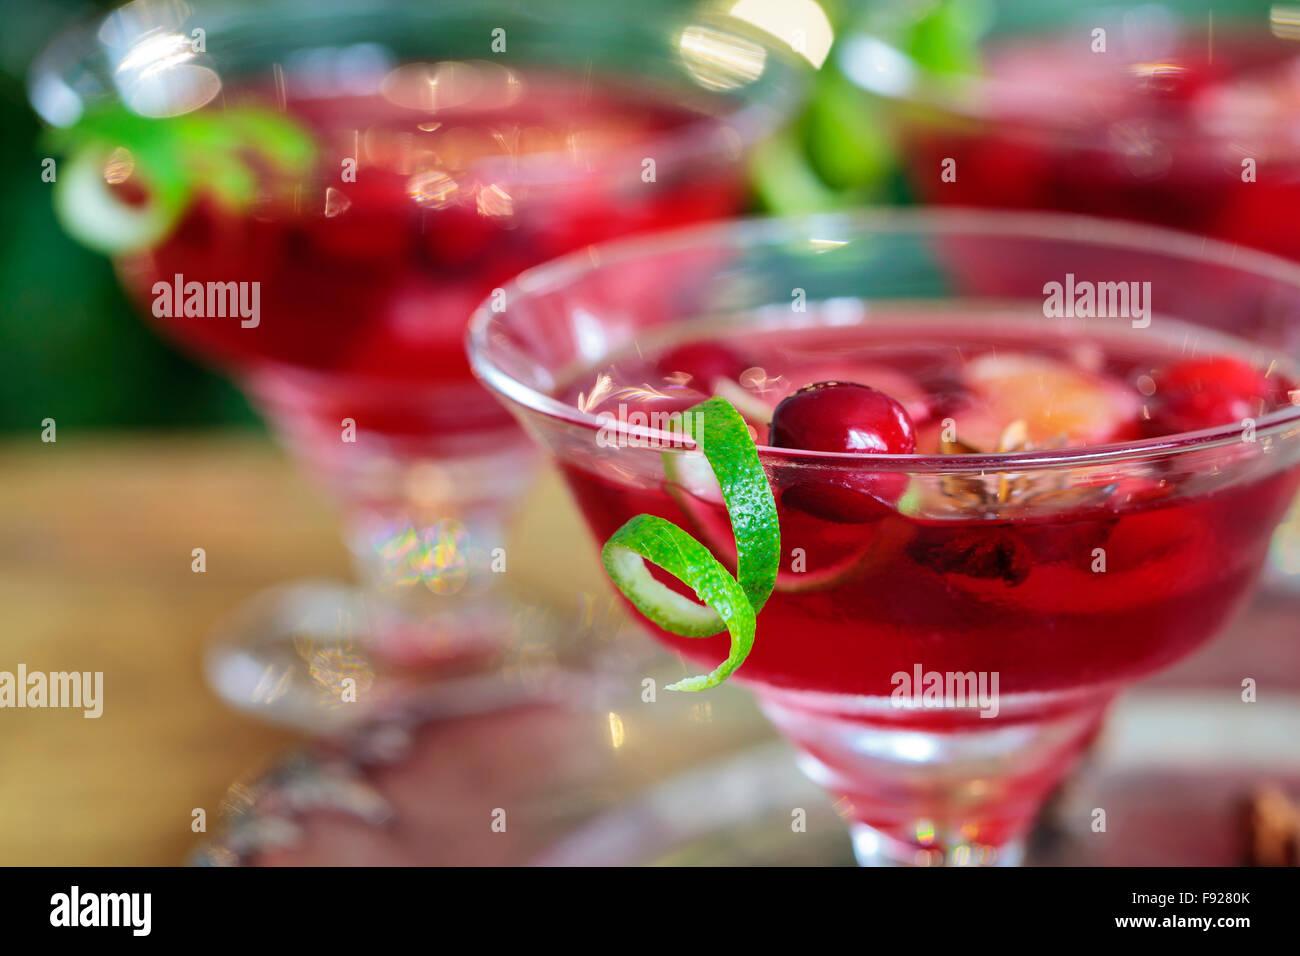 Arándano y Clementine cóctel de Navidad Imagen De Stock